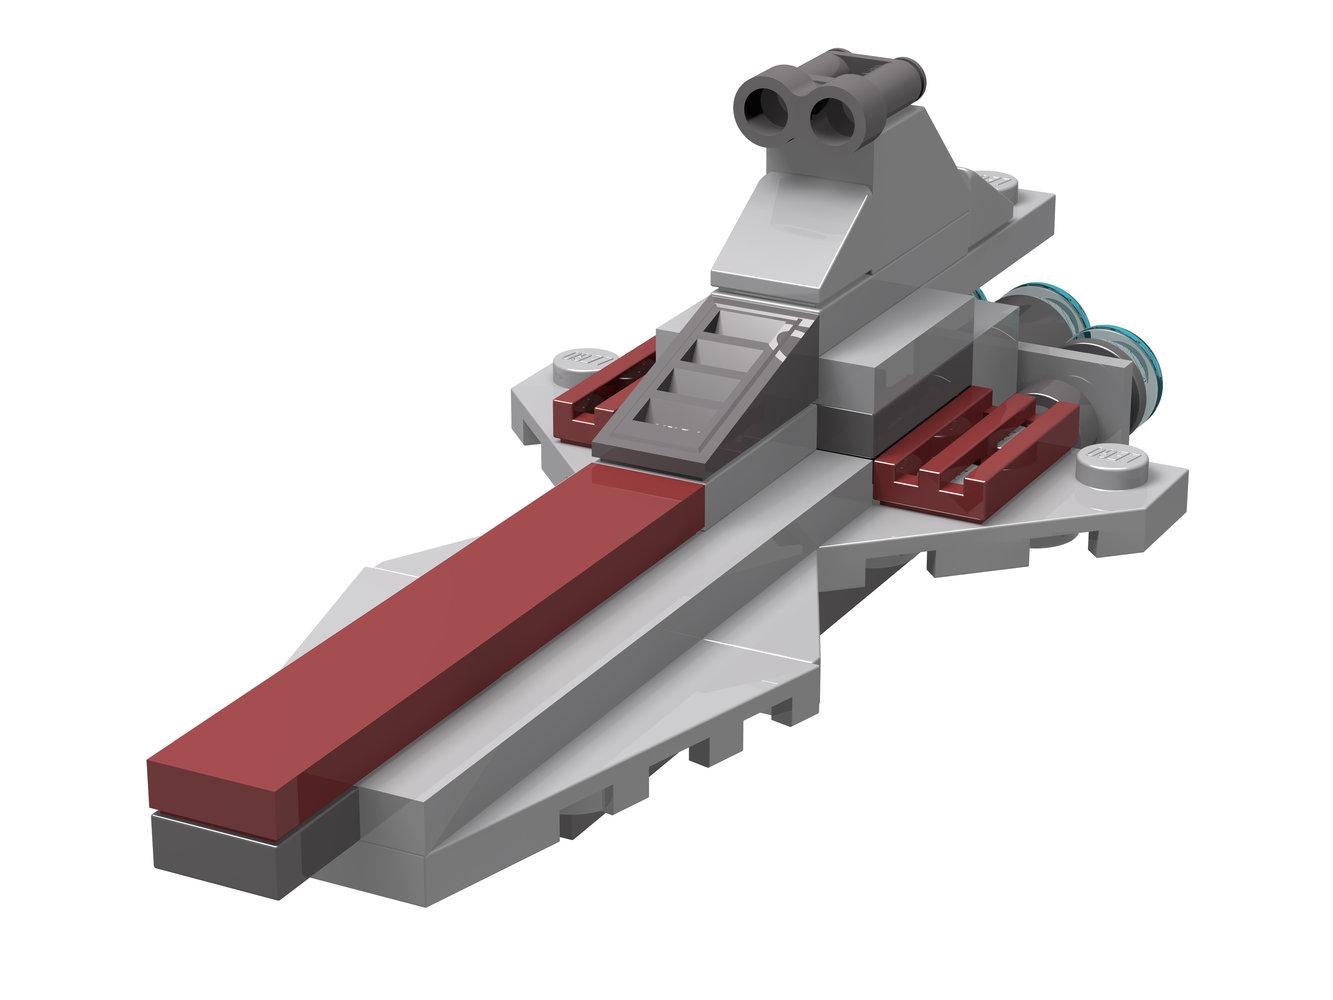 Republic Attack Cruiser - Mini